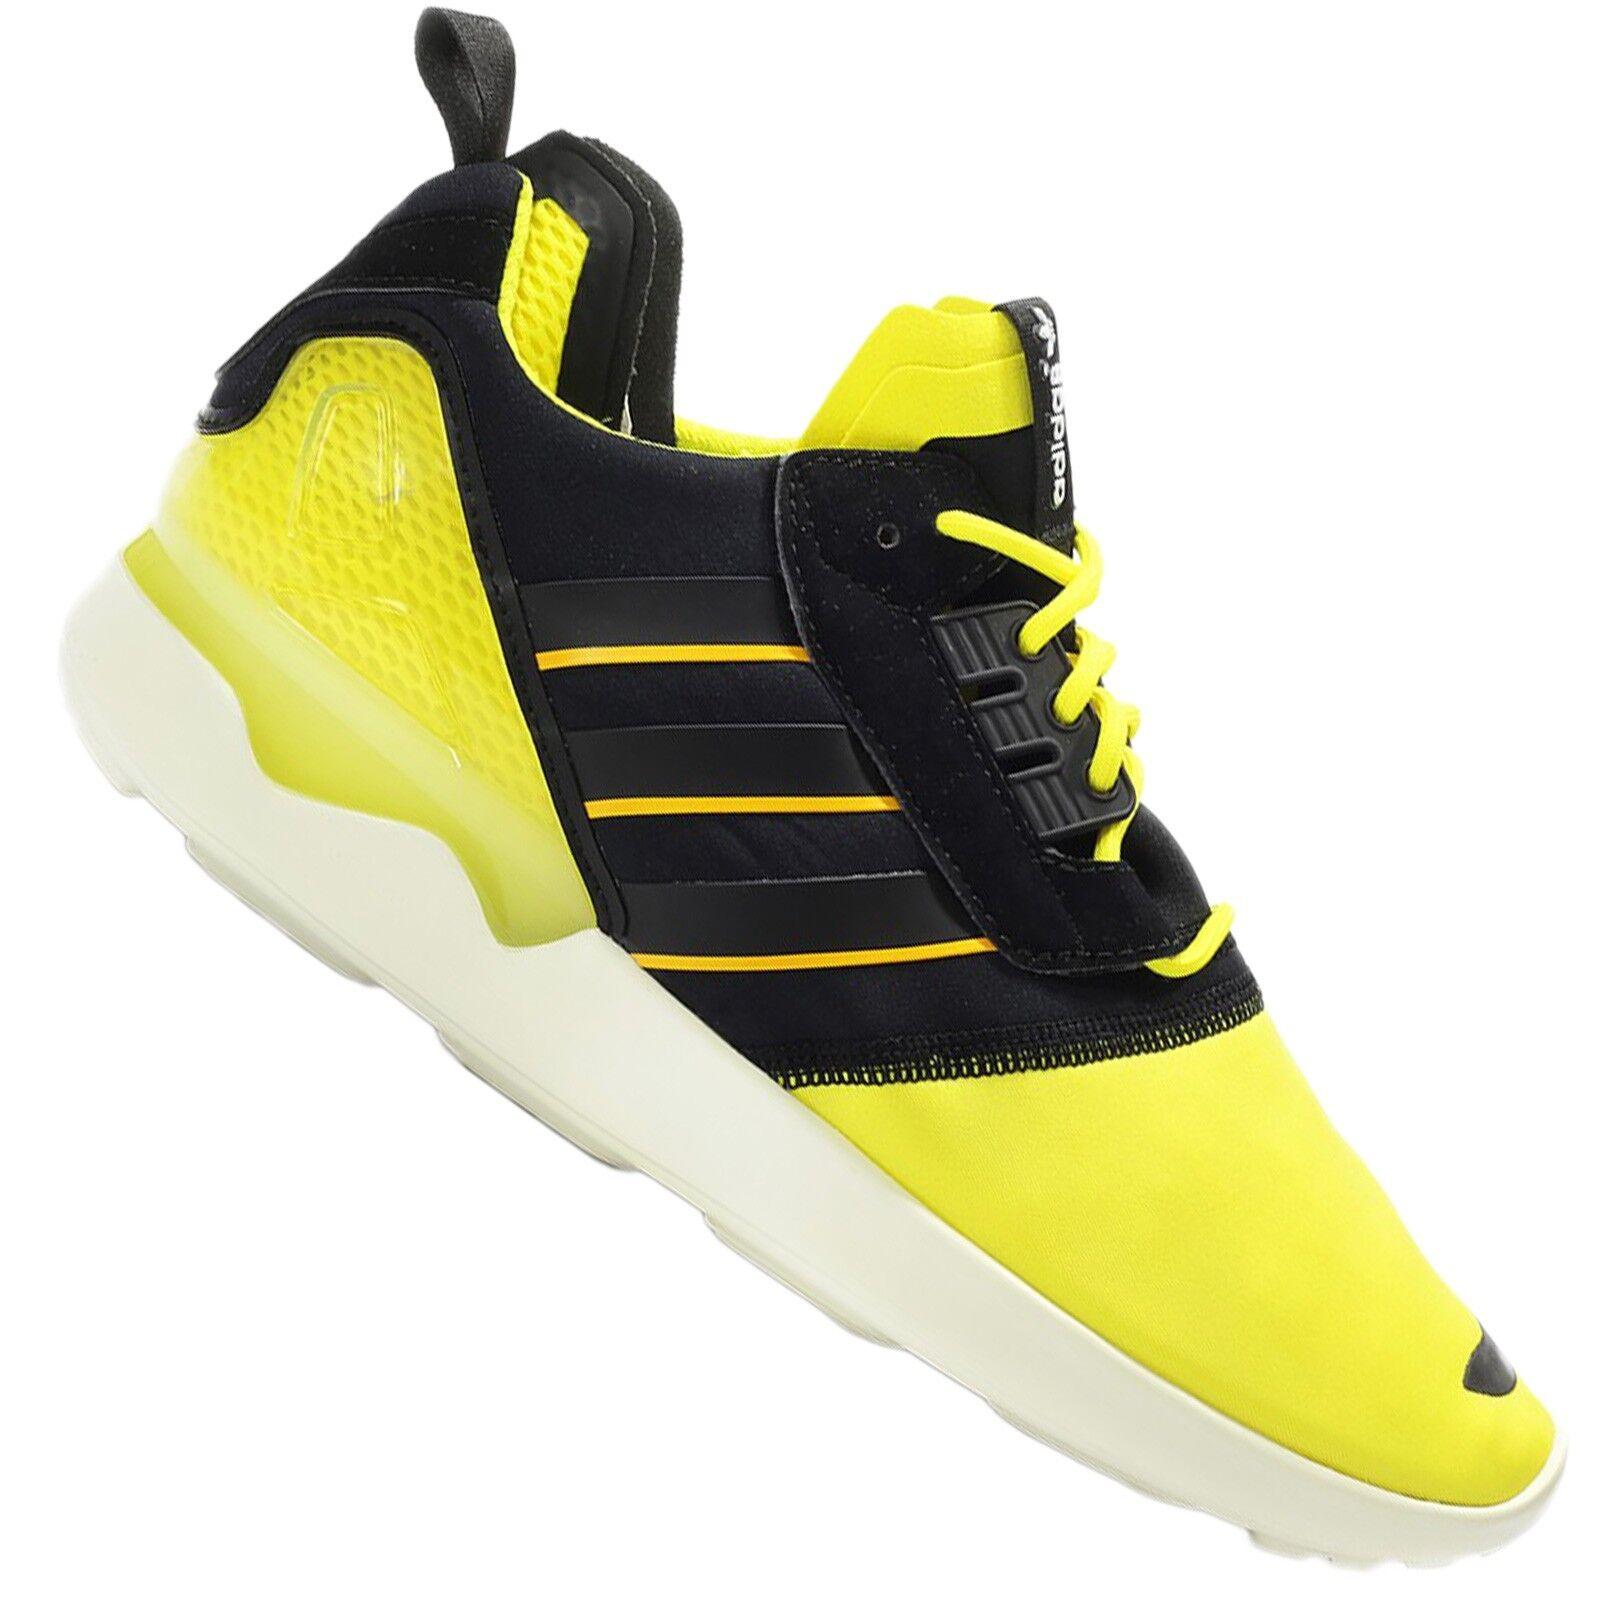 Adidas zx 8000 8000 8000 impulso a correre le scarpe per formatori giallo nero b26369 0c9328